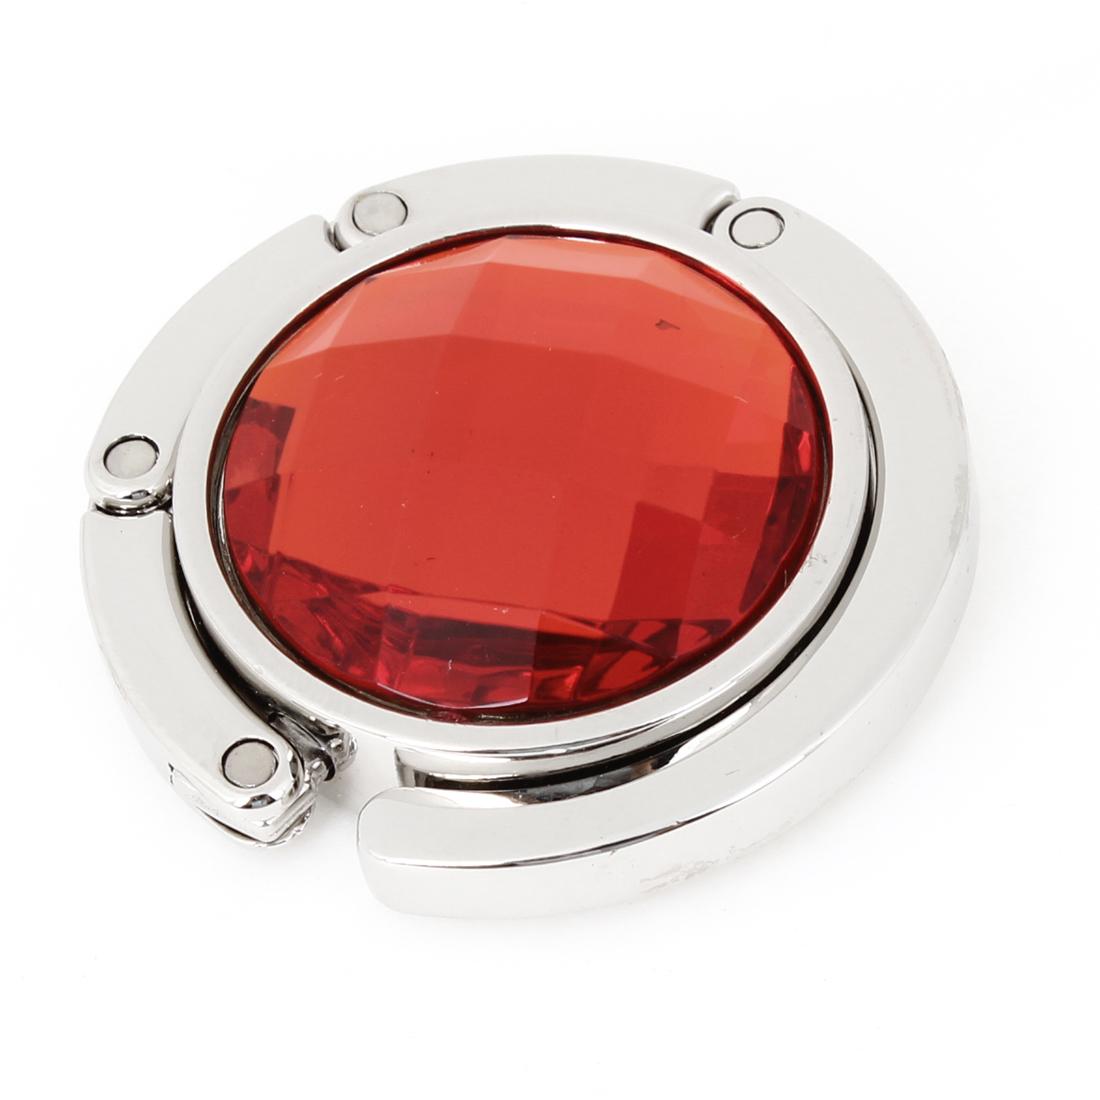 Lady Orange Red Plastic Crystal Decor Rubber Base Metal Handbag Hook Hanger